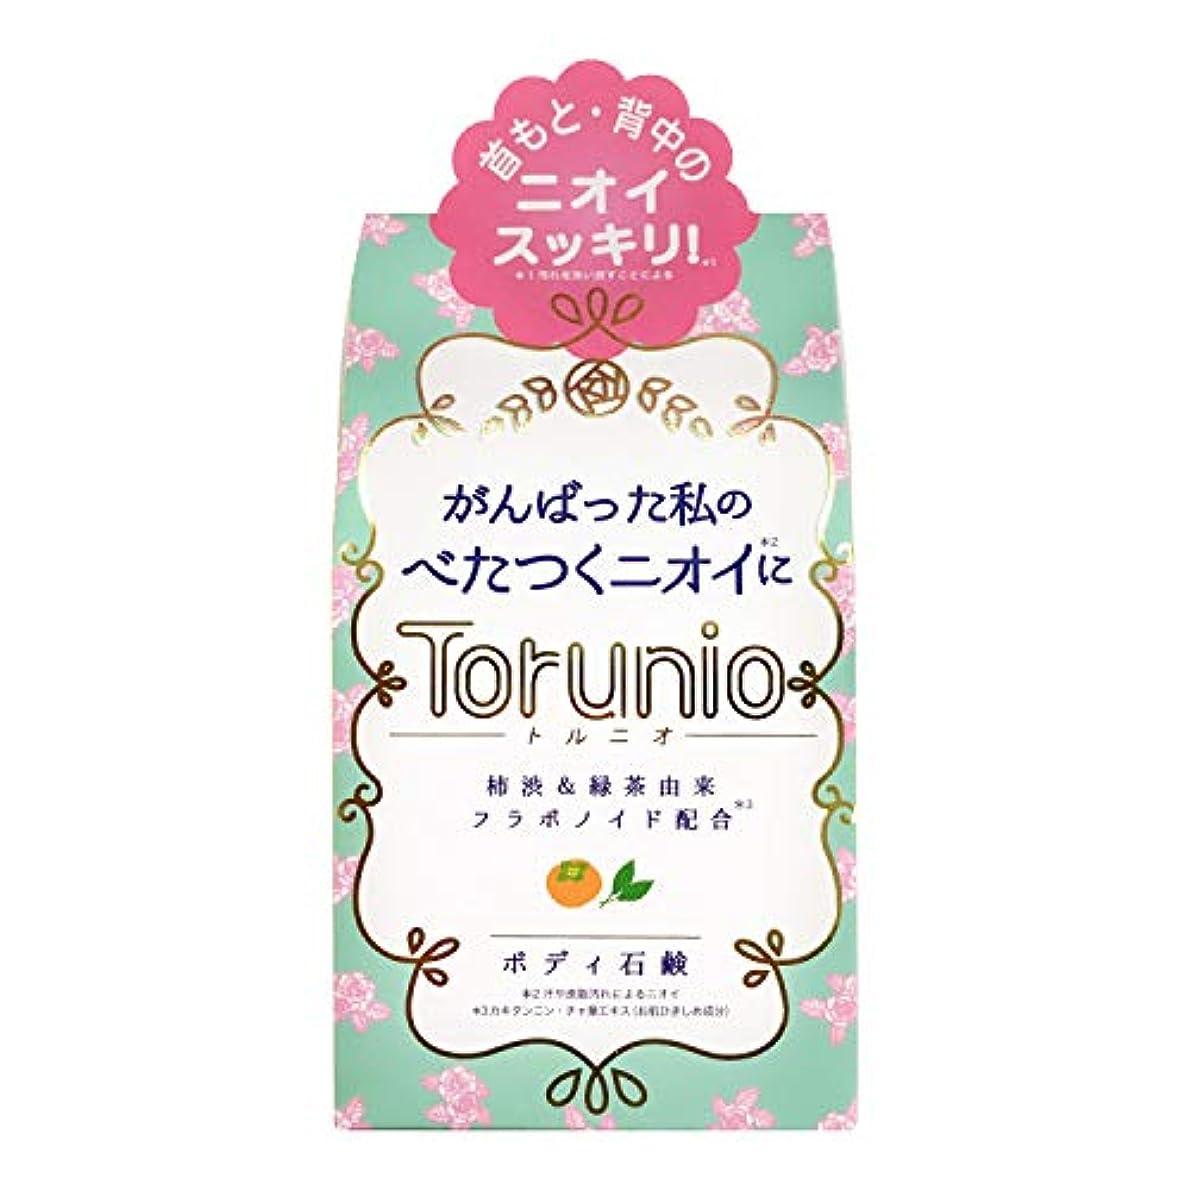 で出来ているわがままバラ色Torunio(トルニオ)石鹸 100g